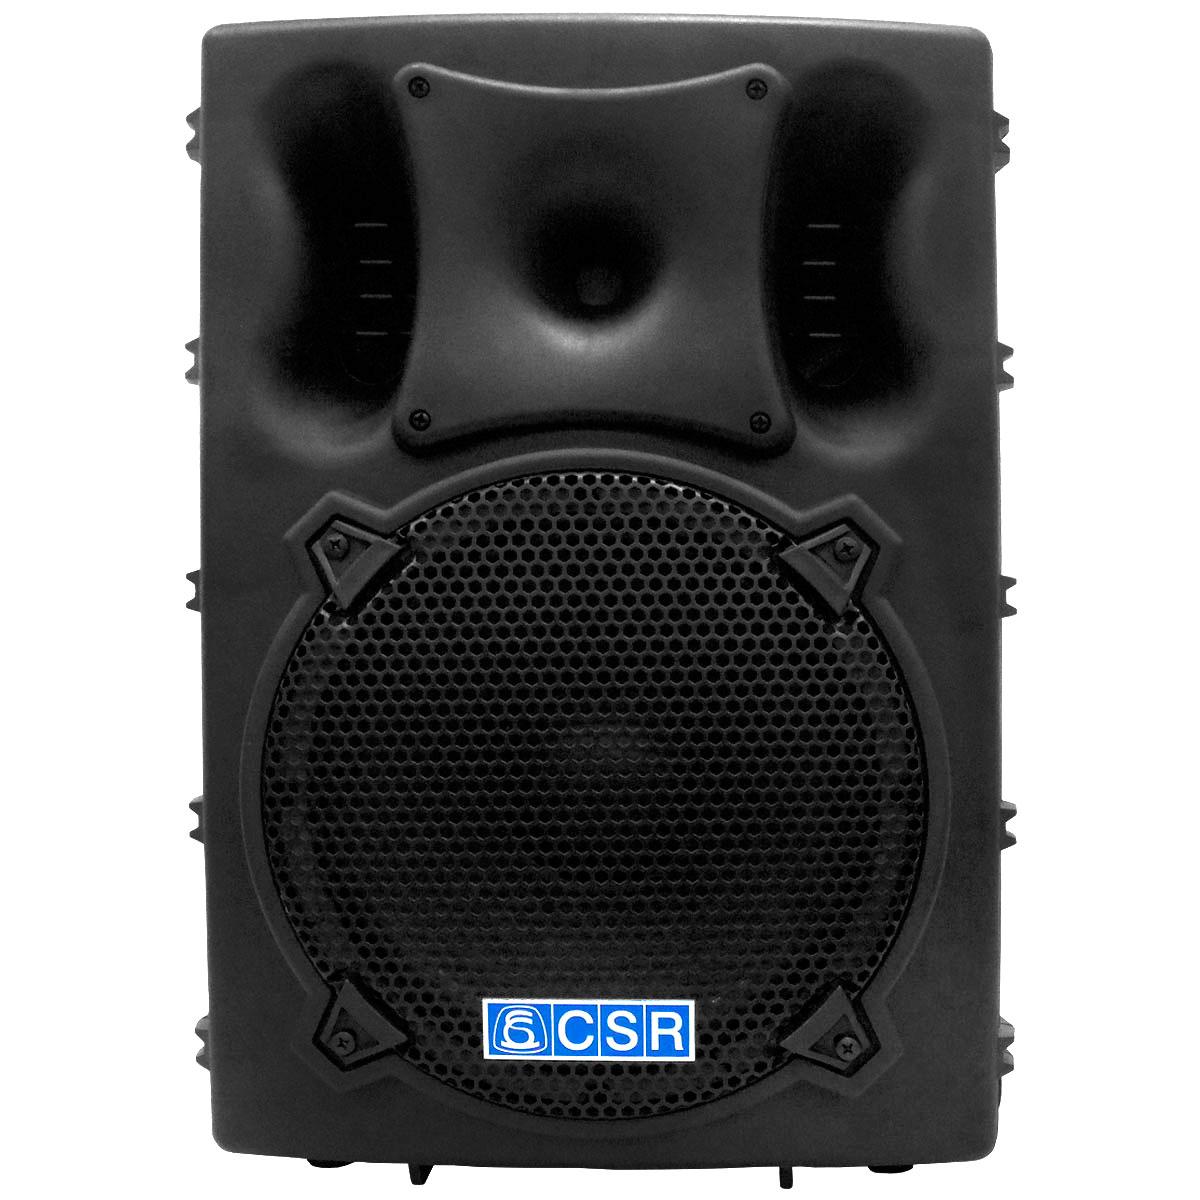 Caixa Acústica Csr 250 W Rms 3000p